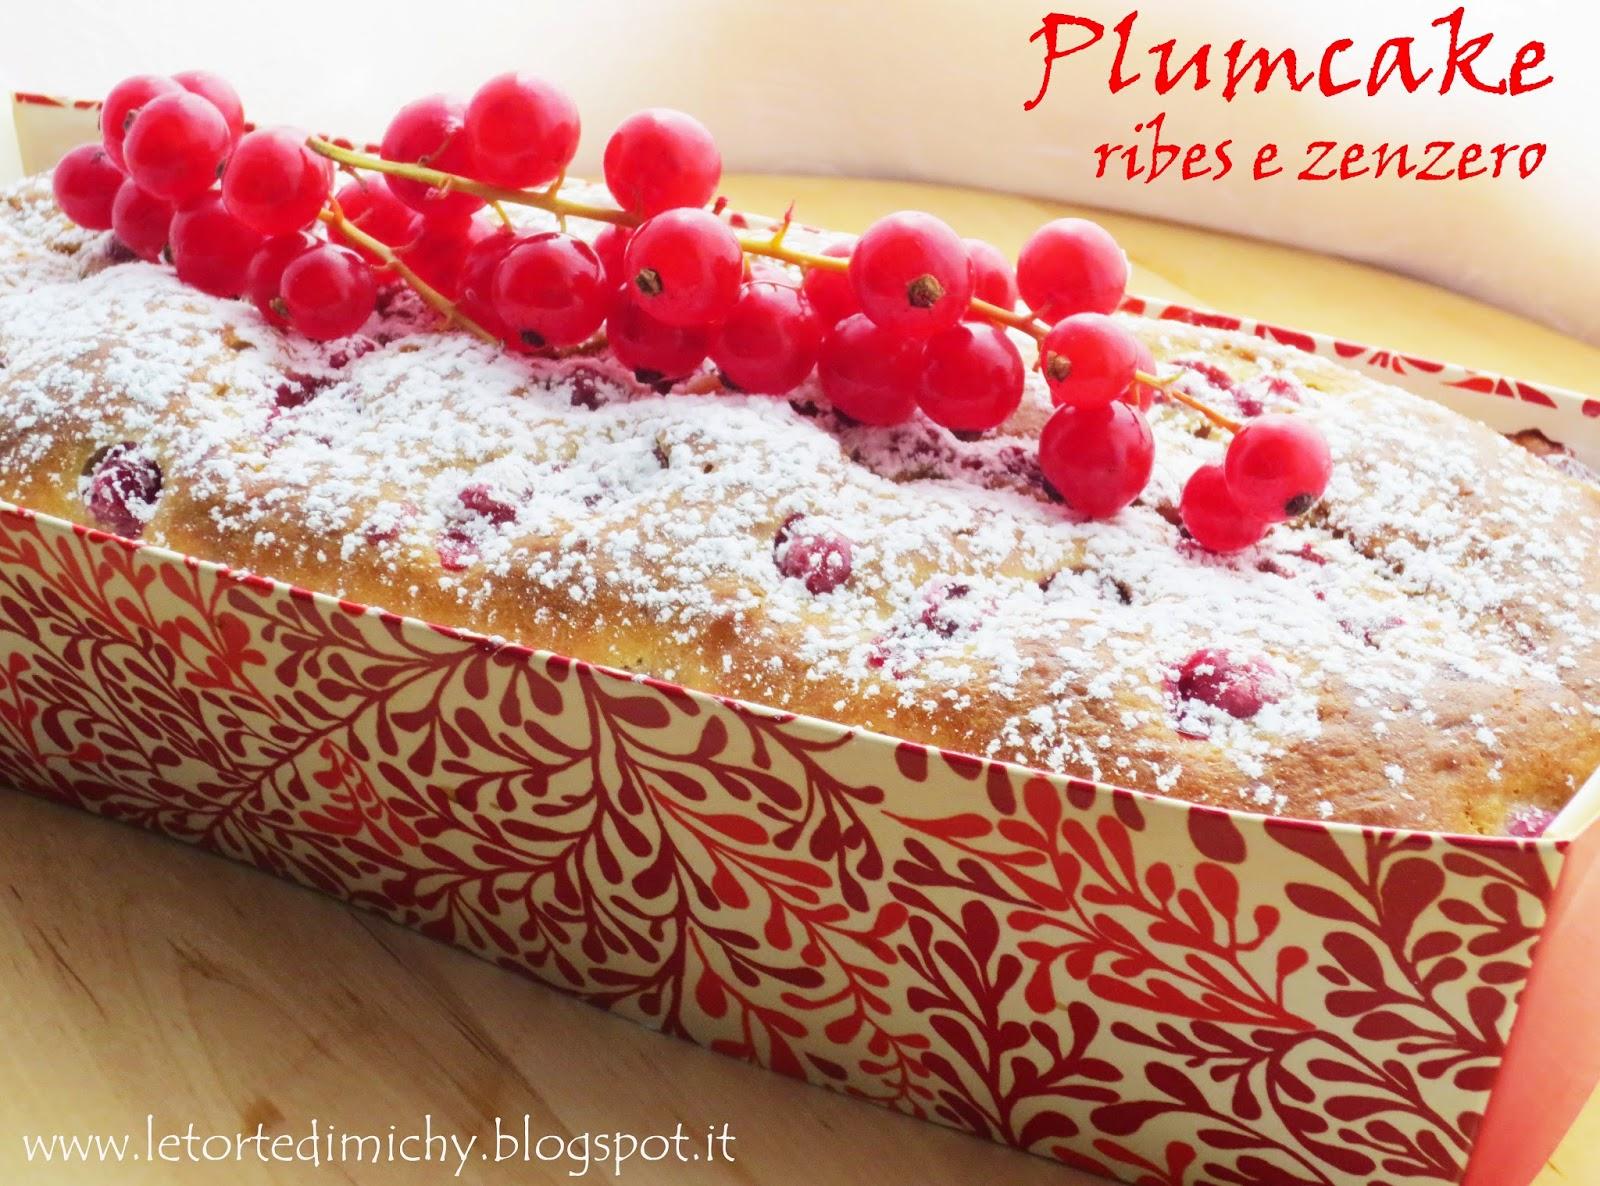 plumcake ribes e zenzero